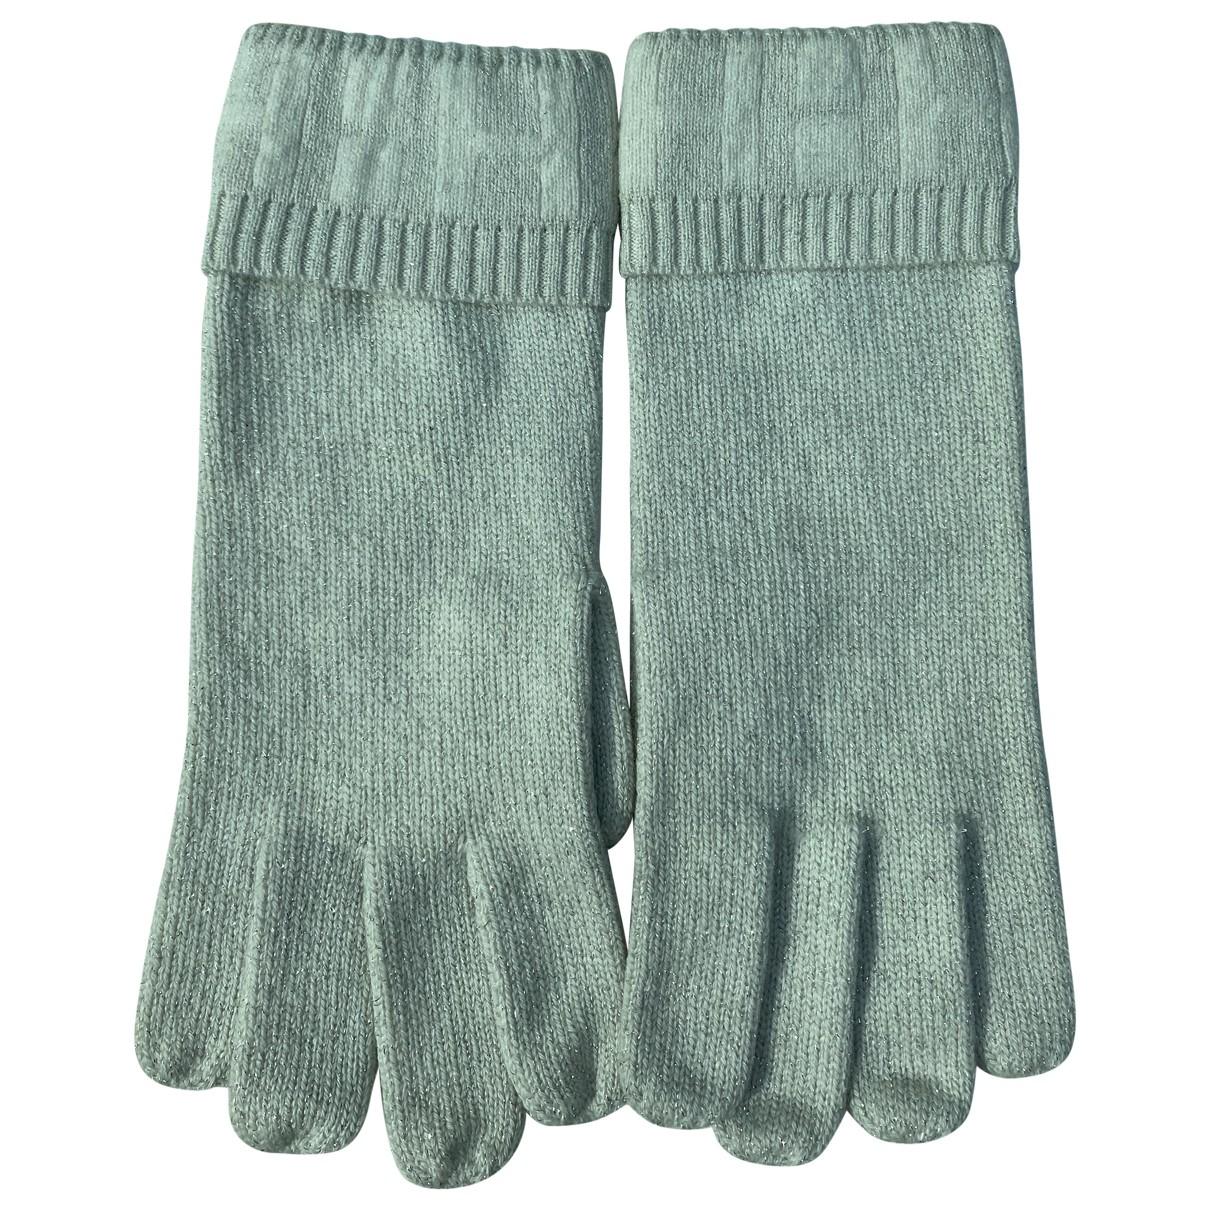 Hermes \N Handschuhe in  Grau Kaschmir